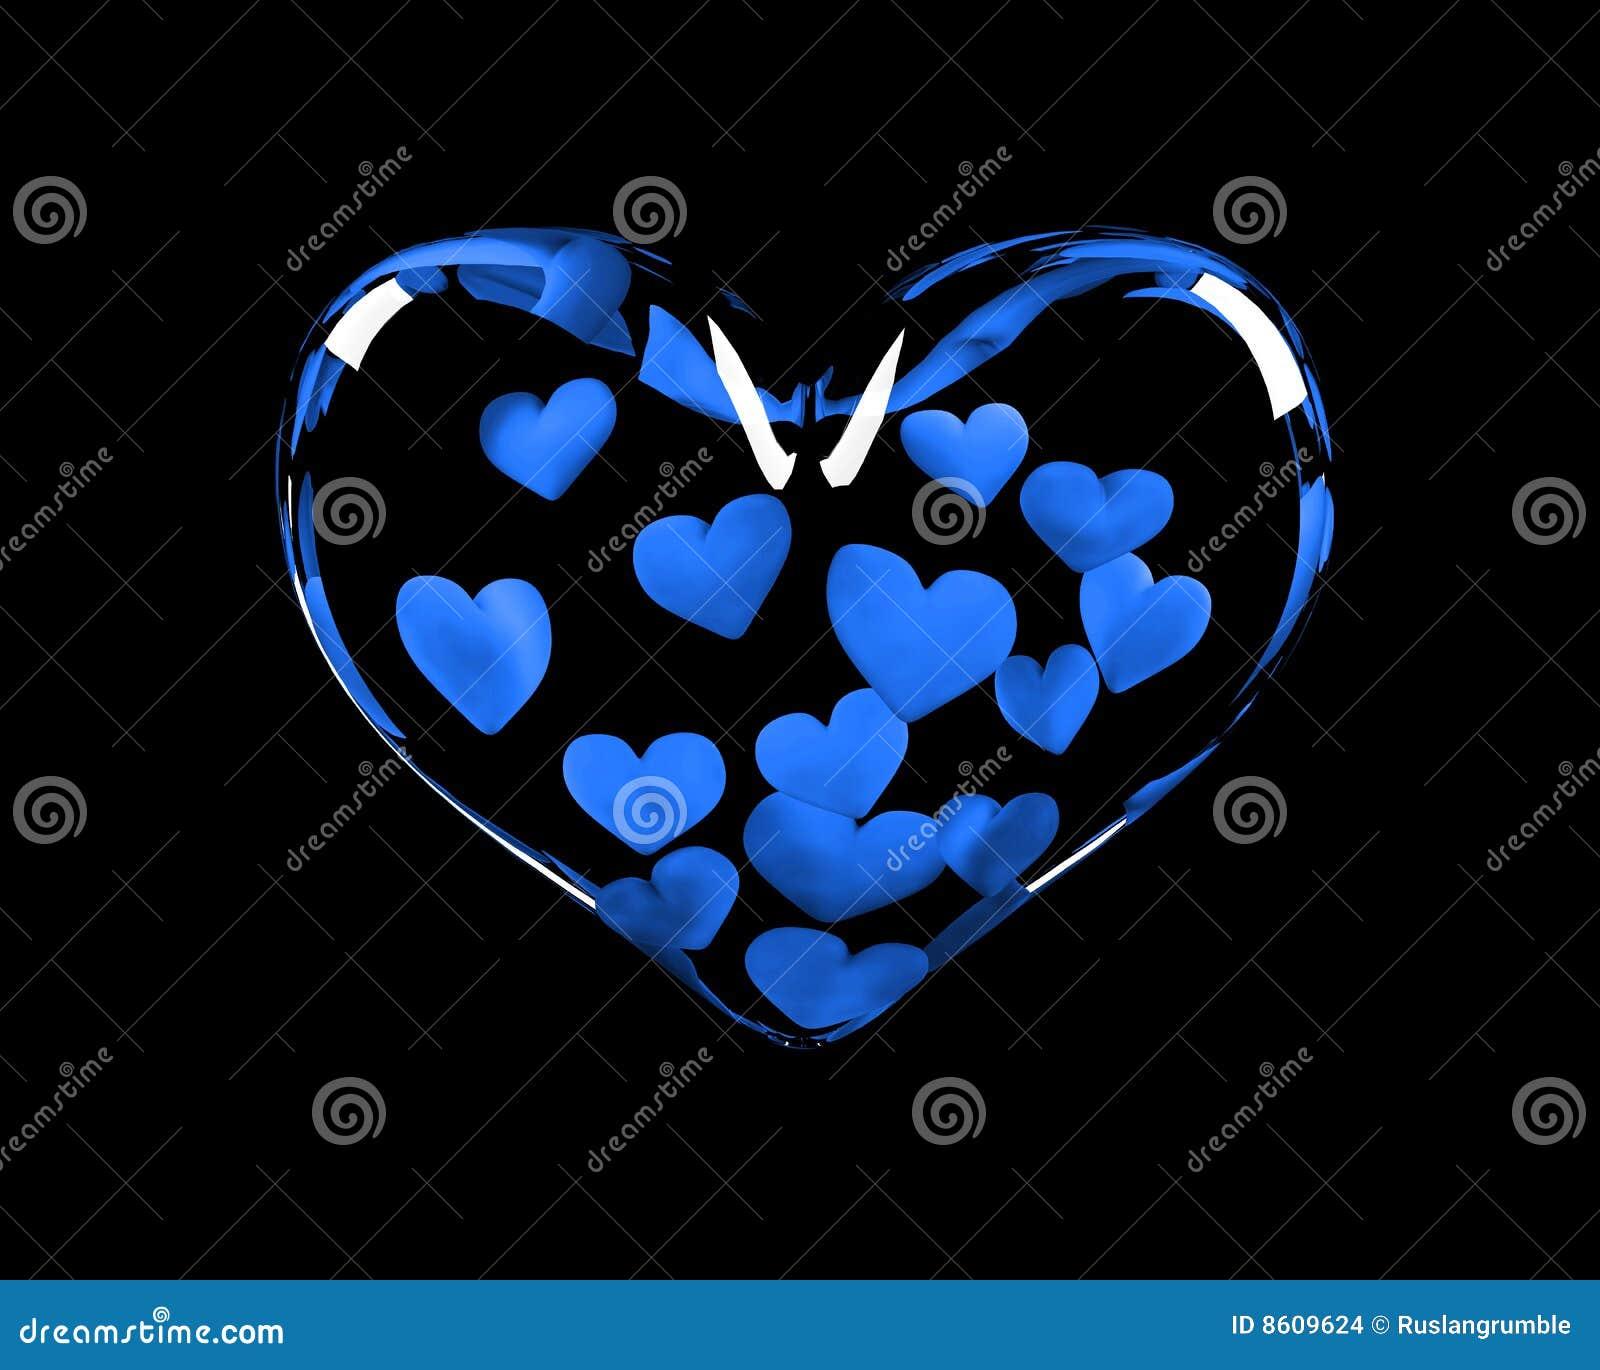 Corazón de cristal con 14 corazones azules adentro